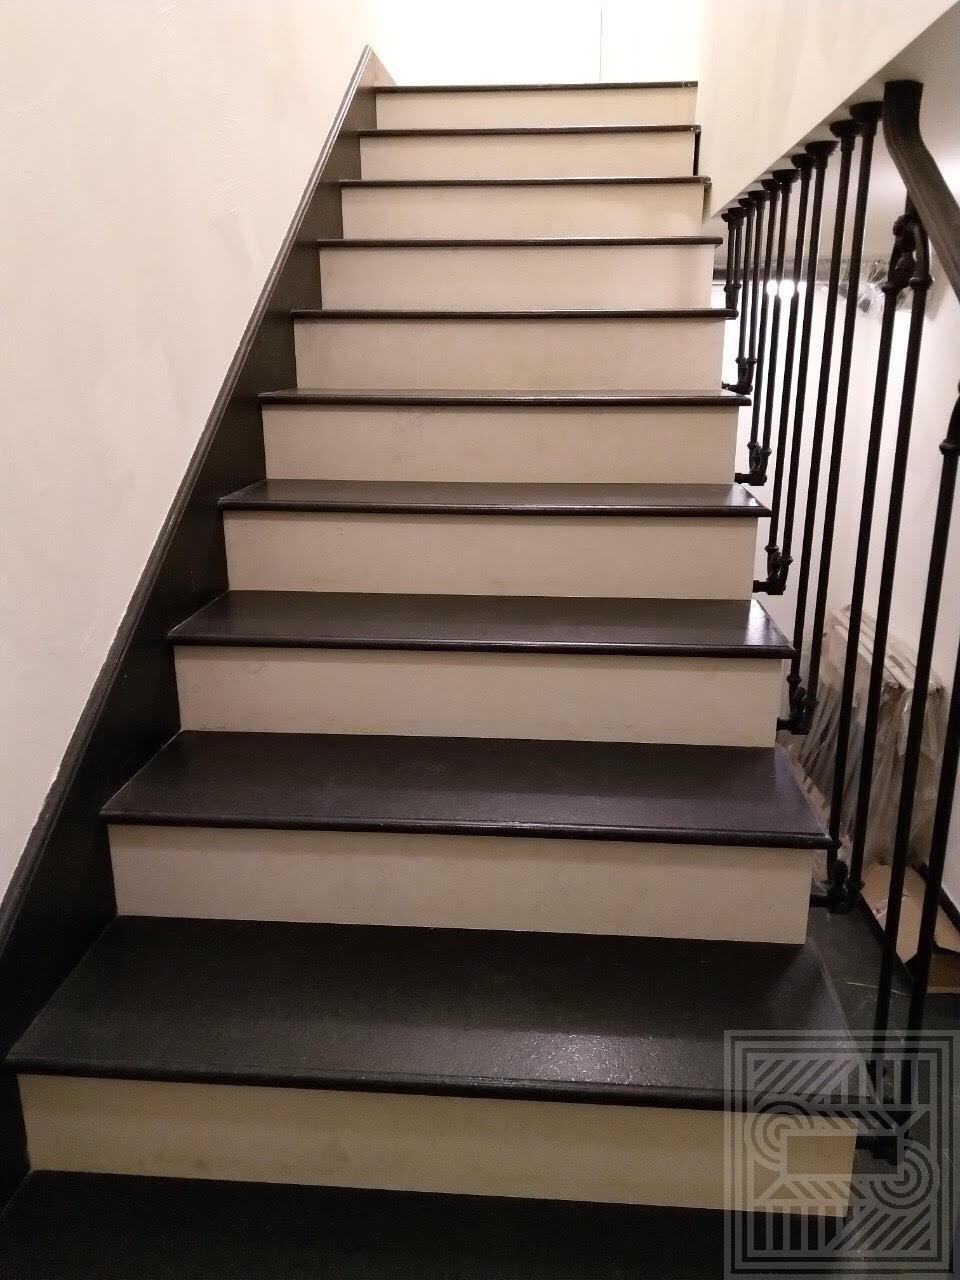 Лесница из гранита Cambrian Black 20 мм stair-granite - unnamed5MBHHEE2